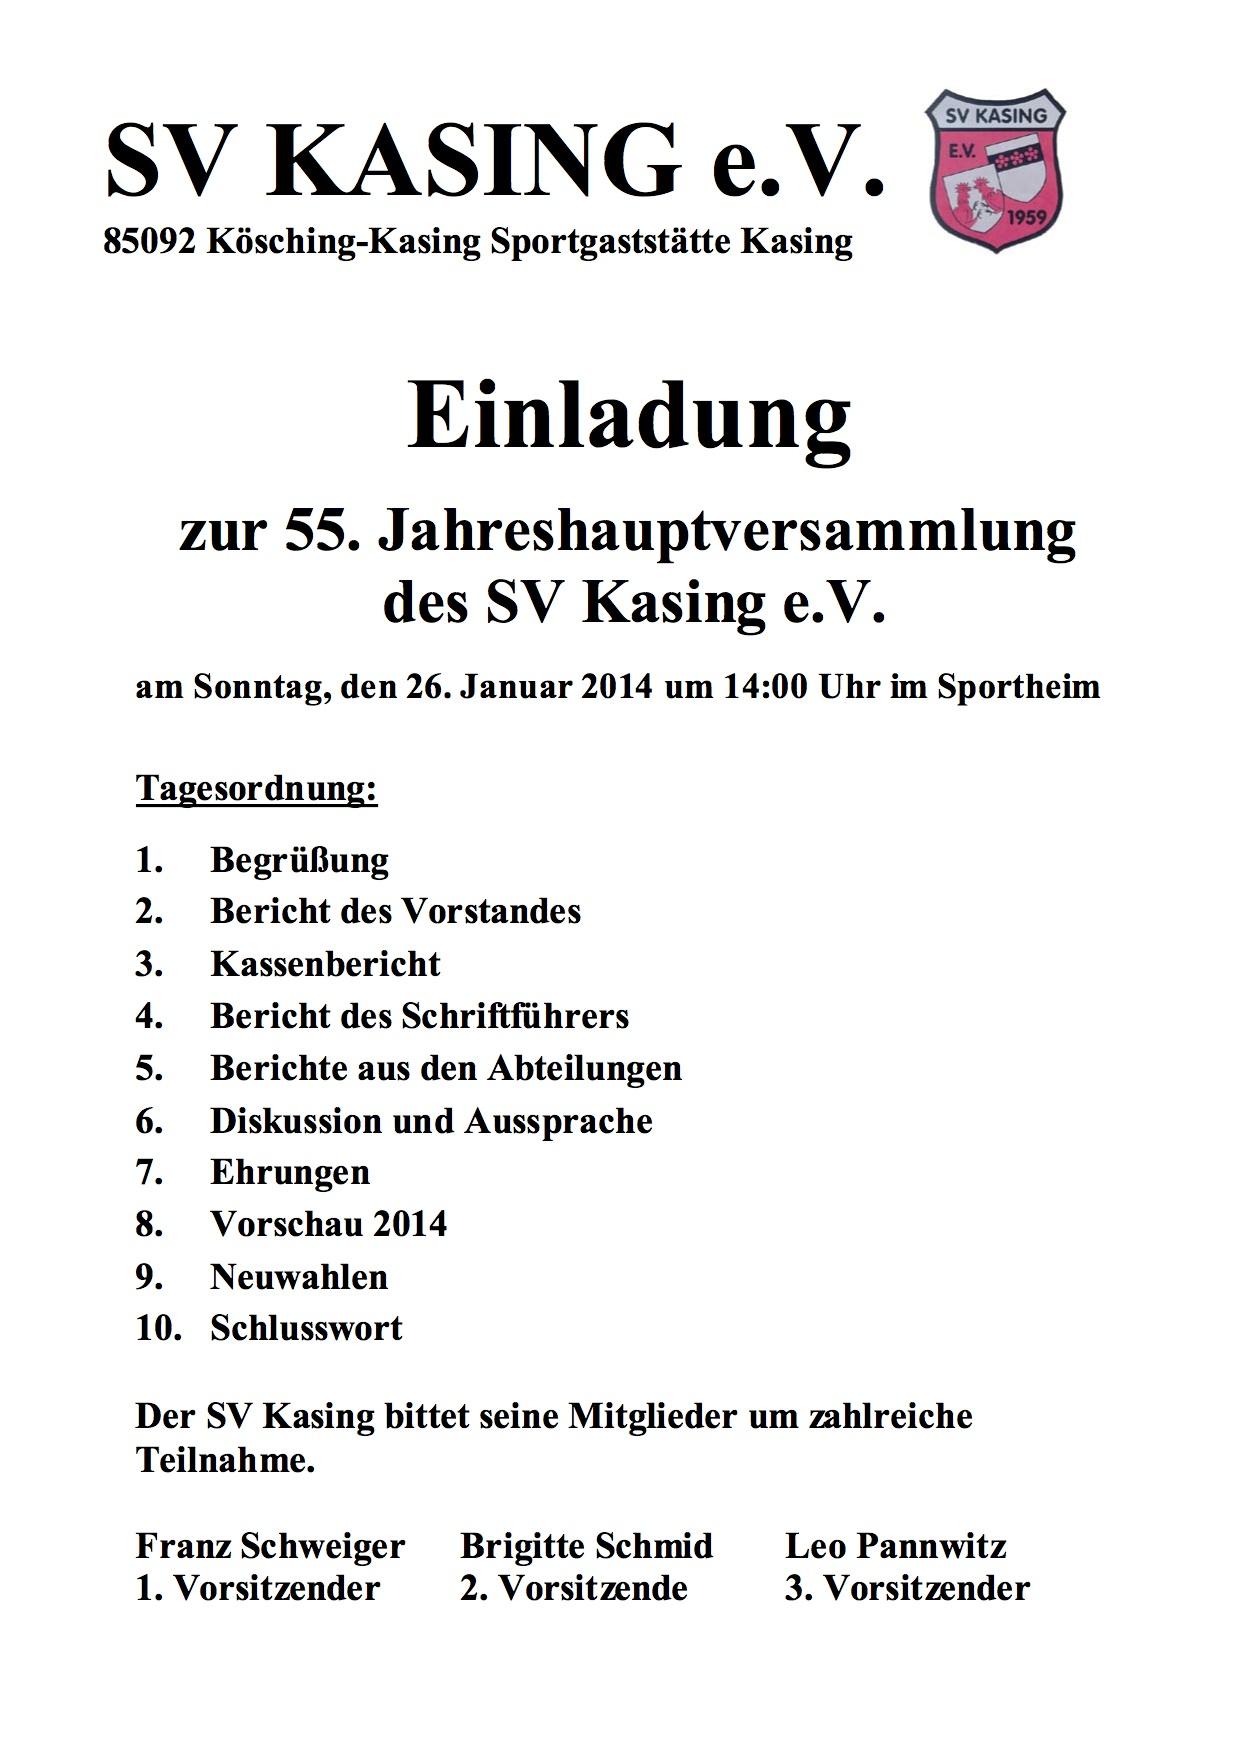 einladung zur 55. jahreshauptversammlung – sv kasing e.v. 1959, Einladung